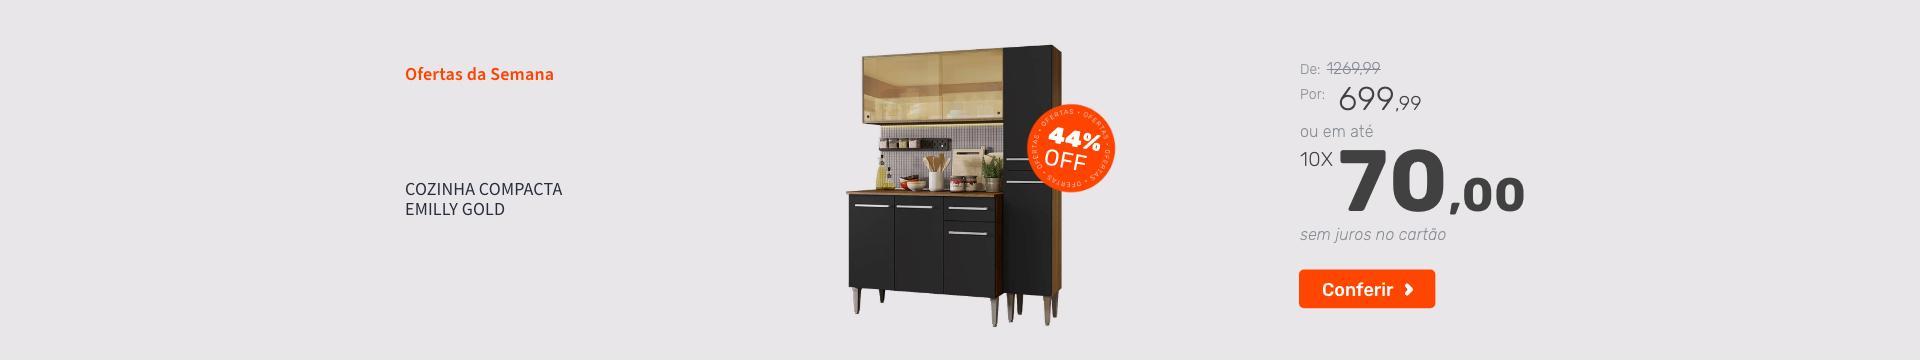 Cozinha Compacta  Emilly Gold - Ofertas especiais